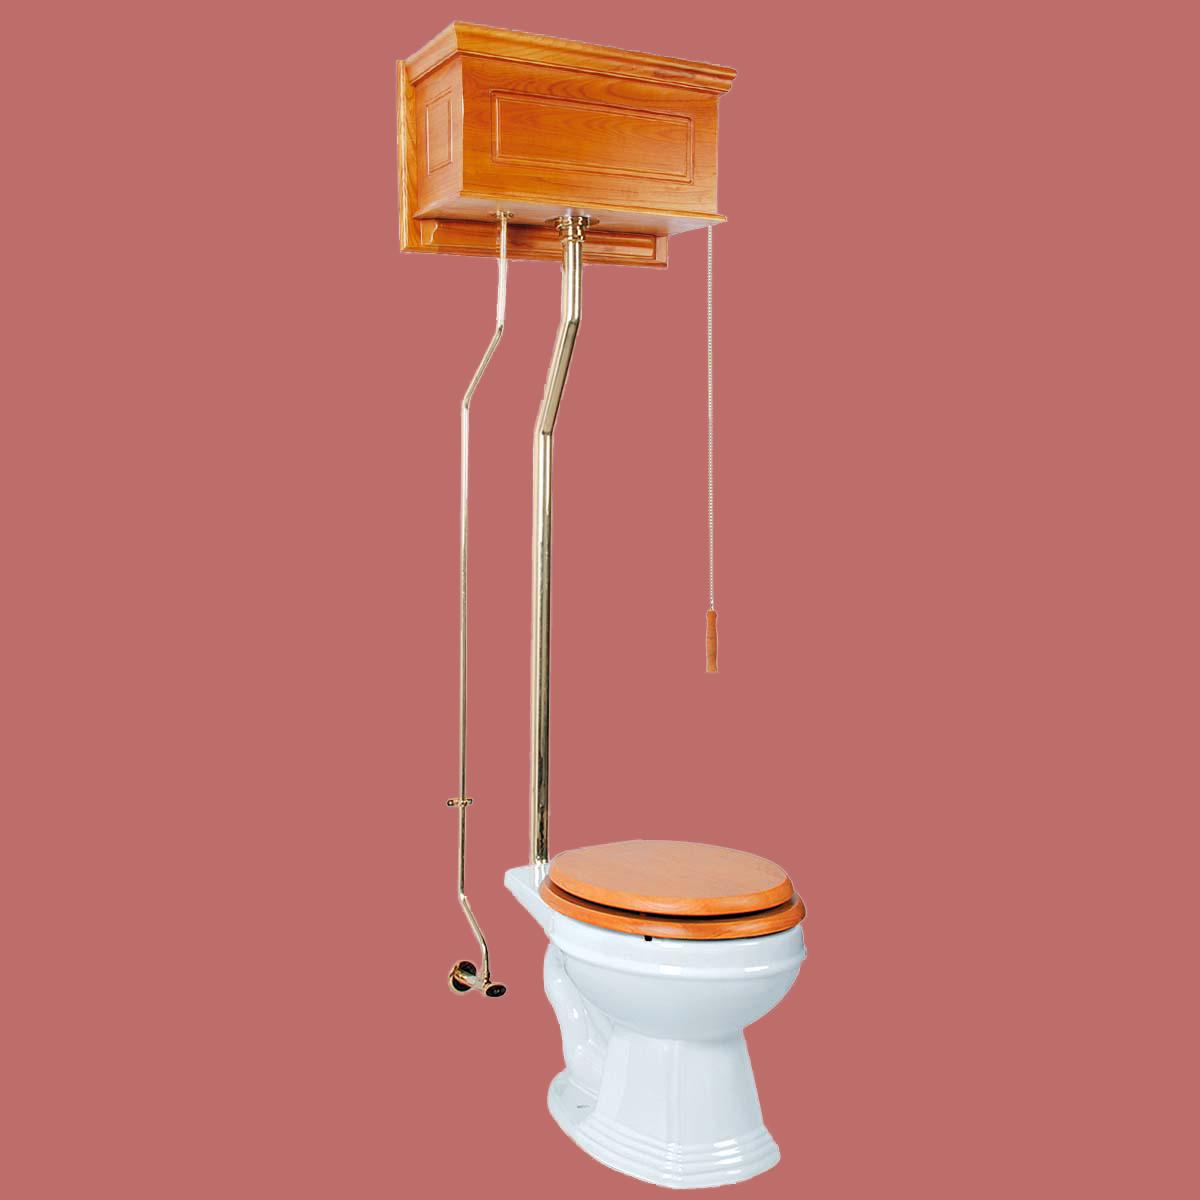 Light Oak Finish Raised Tank Toilet Hardwood Tank Brass